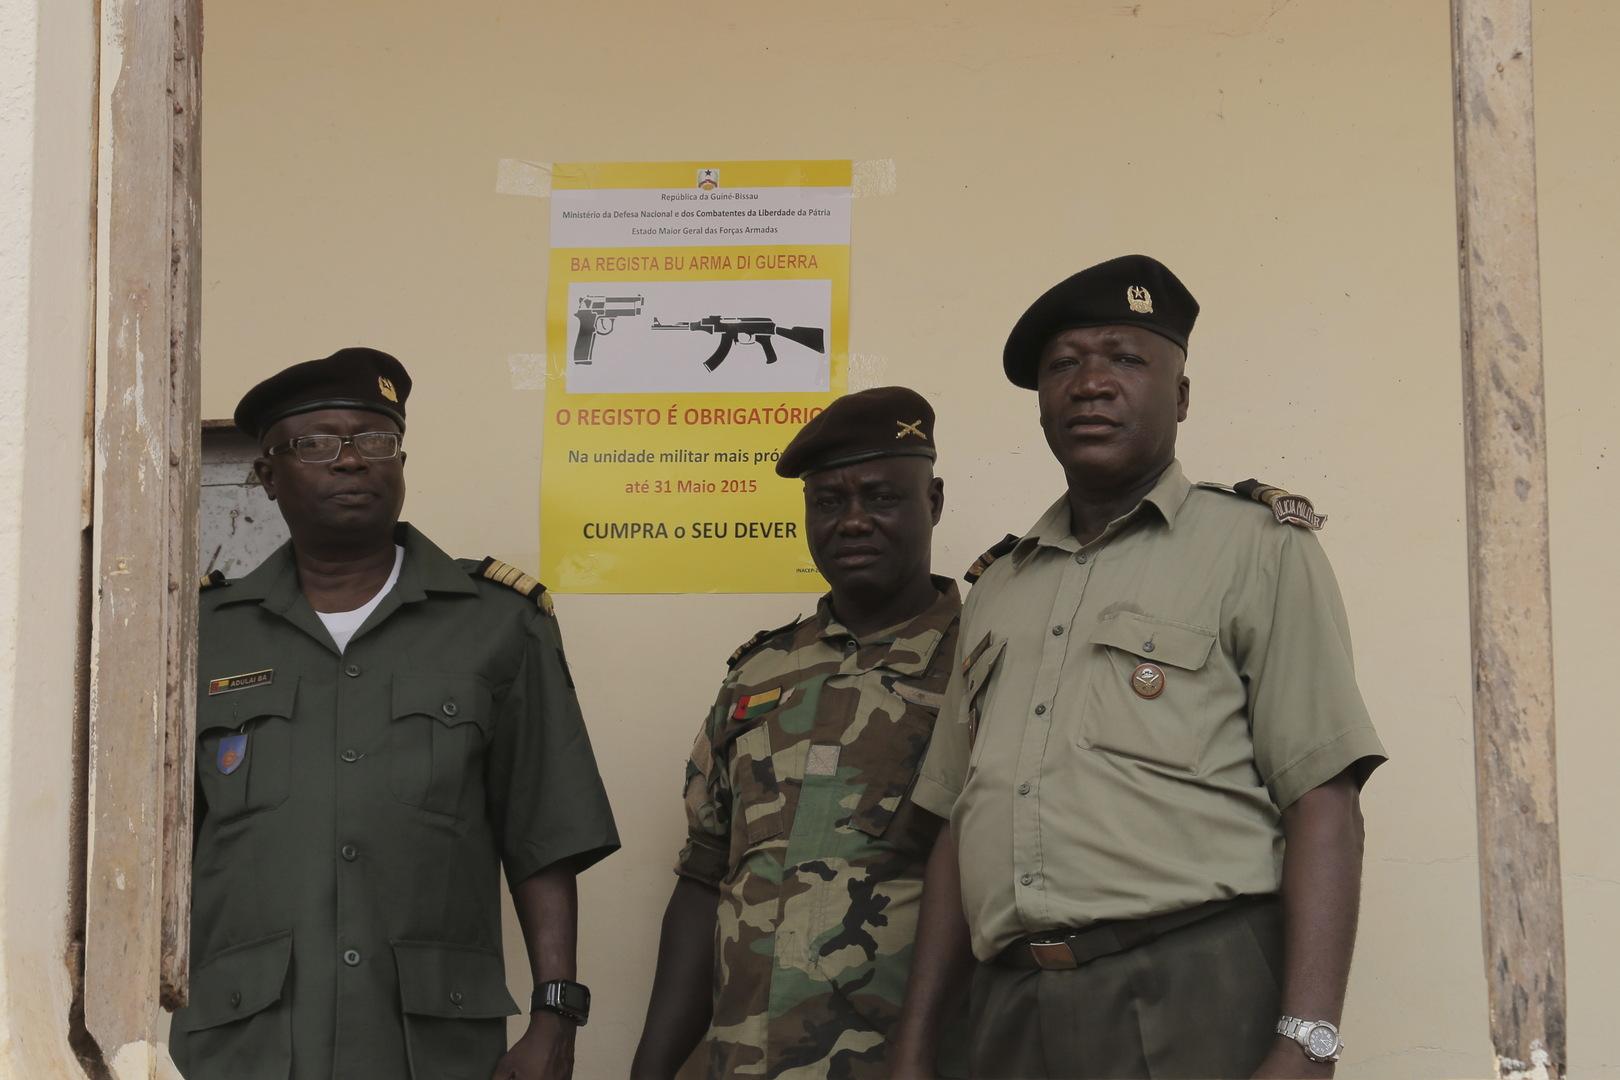 على هامش الانقلاب العسكري.. غينيا الدولة الصغيرة والفقيرة ذات الغالبية المسلمة